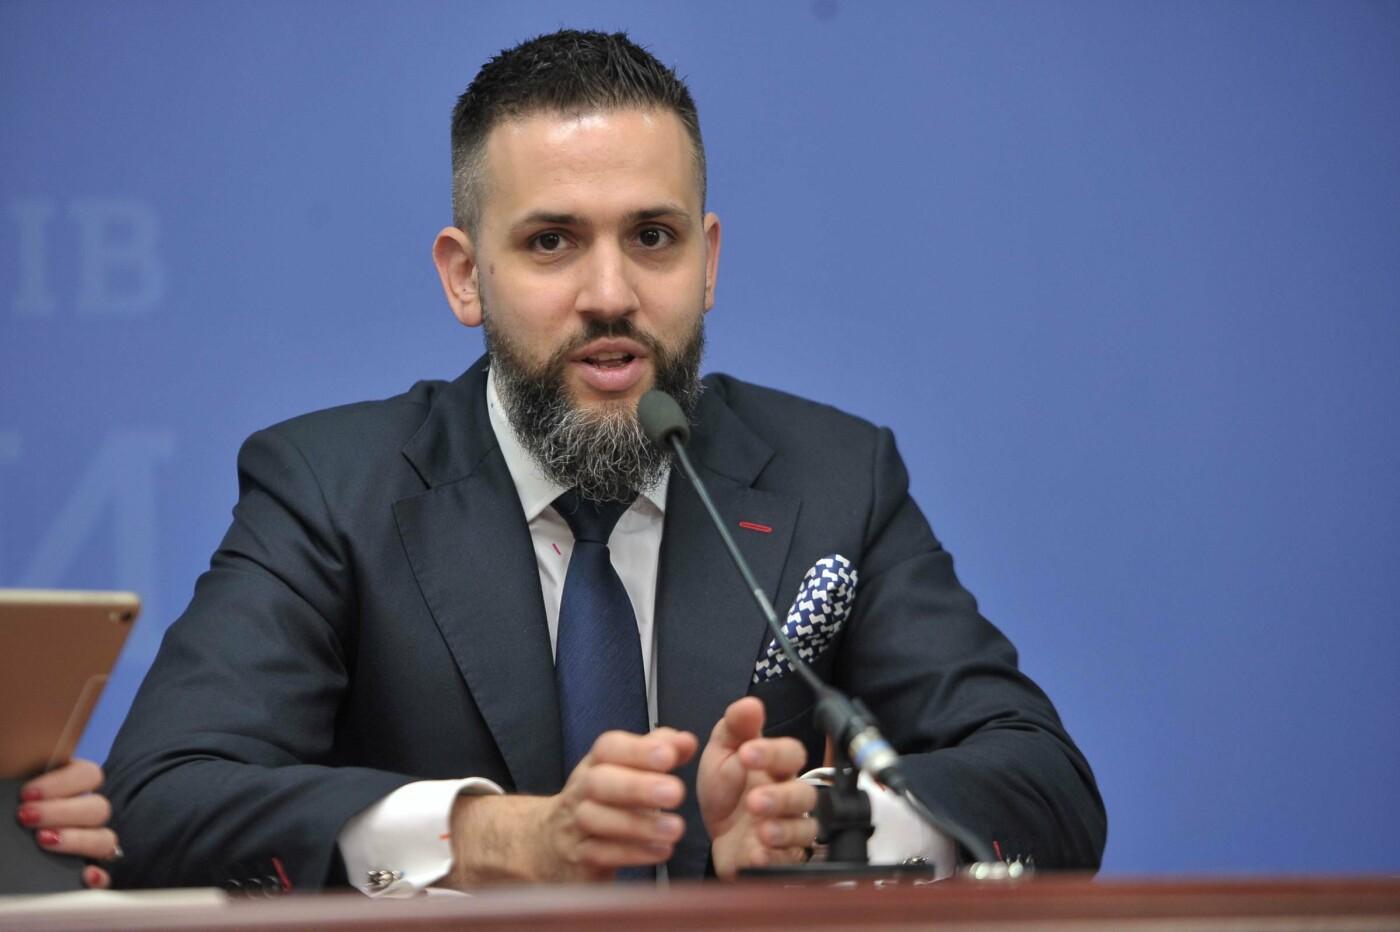 Глава митниці Нефьодов написав заяву на звільнення - нардеп Дубінський, фото-1